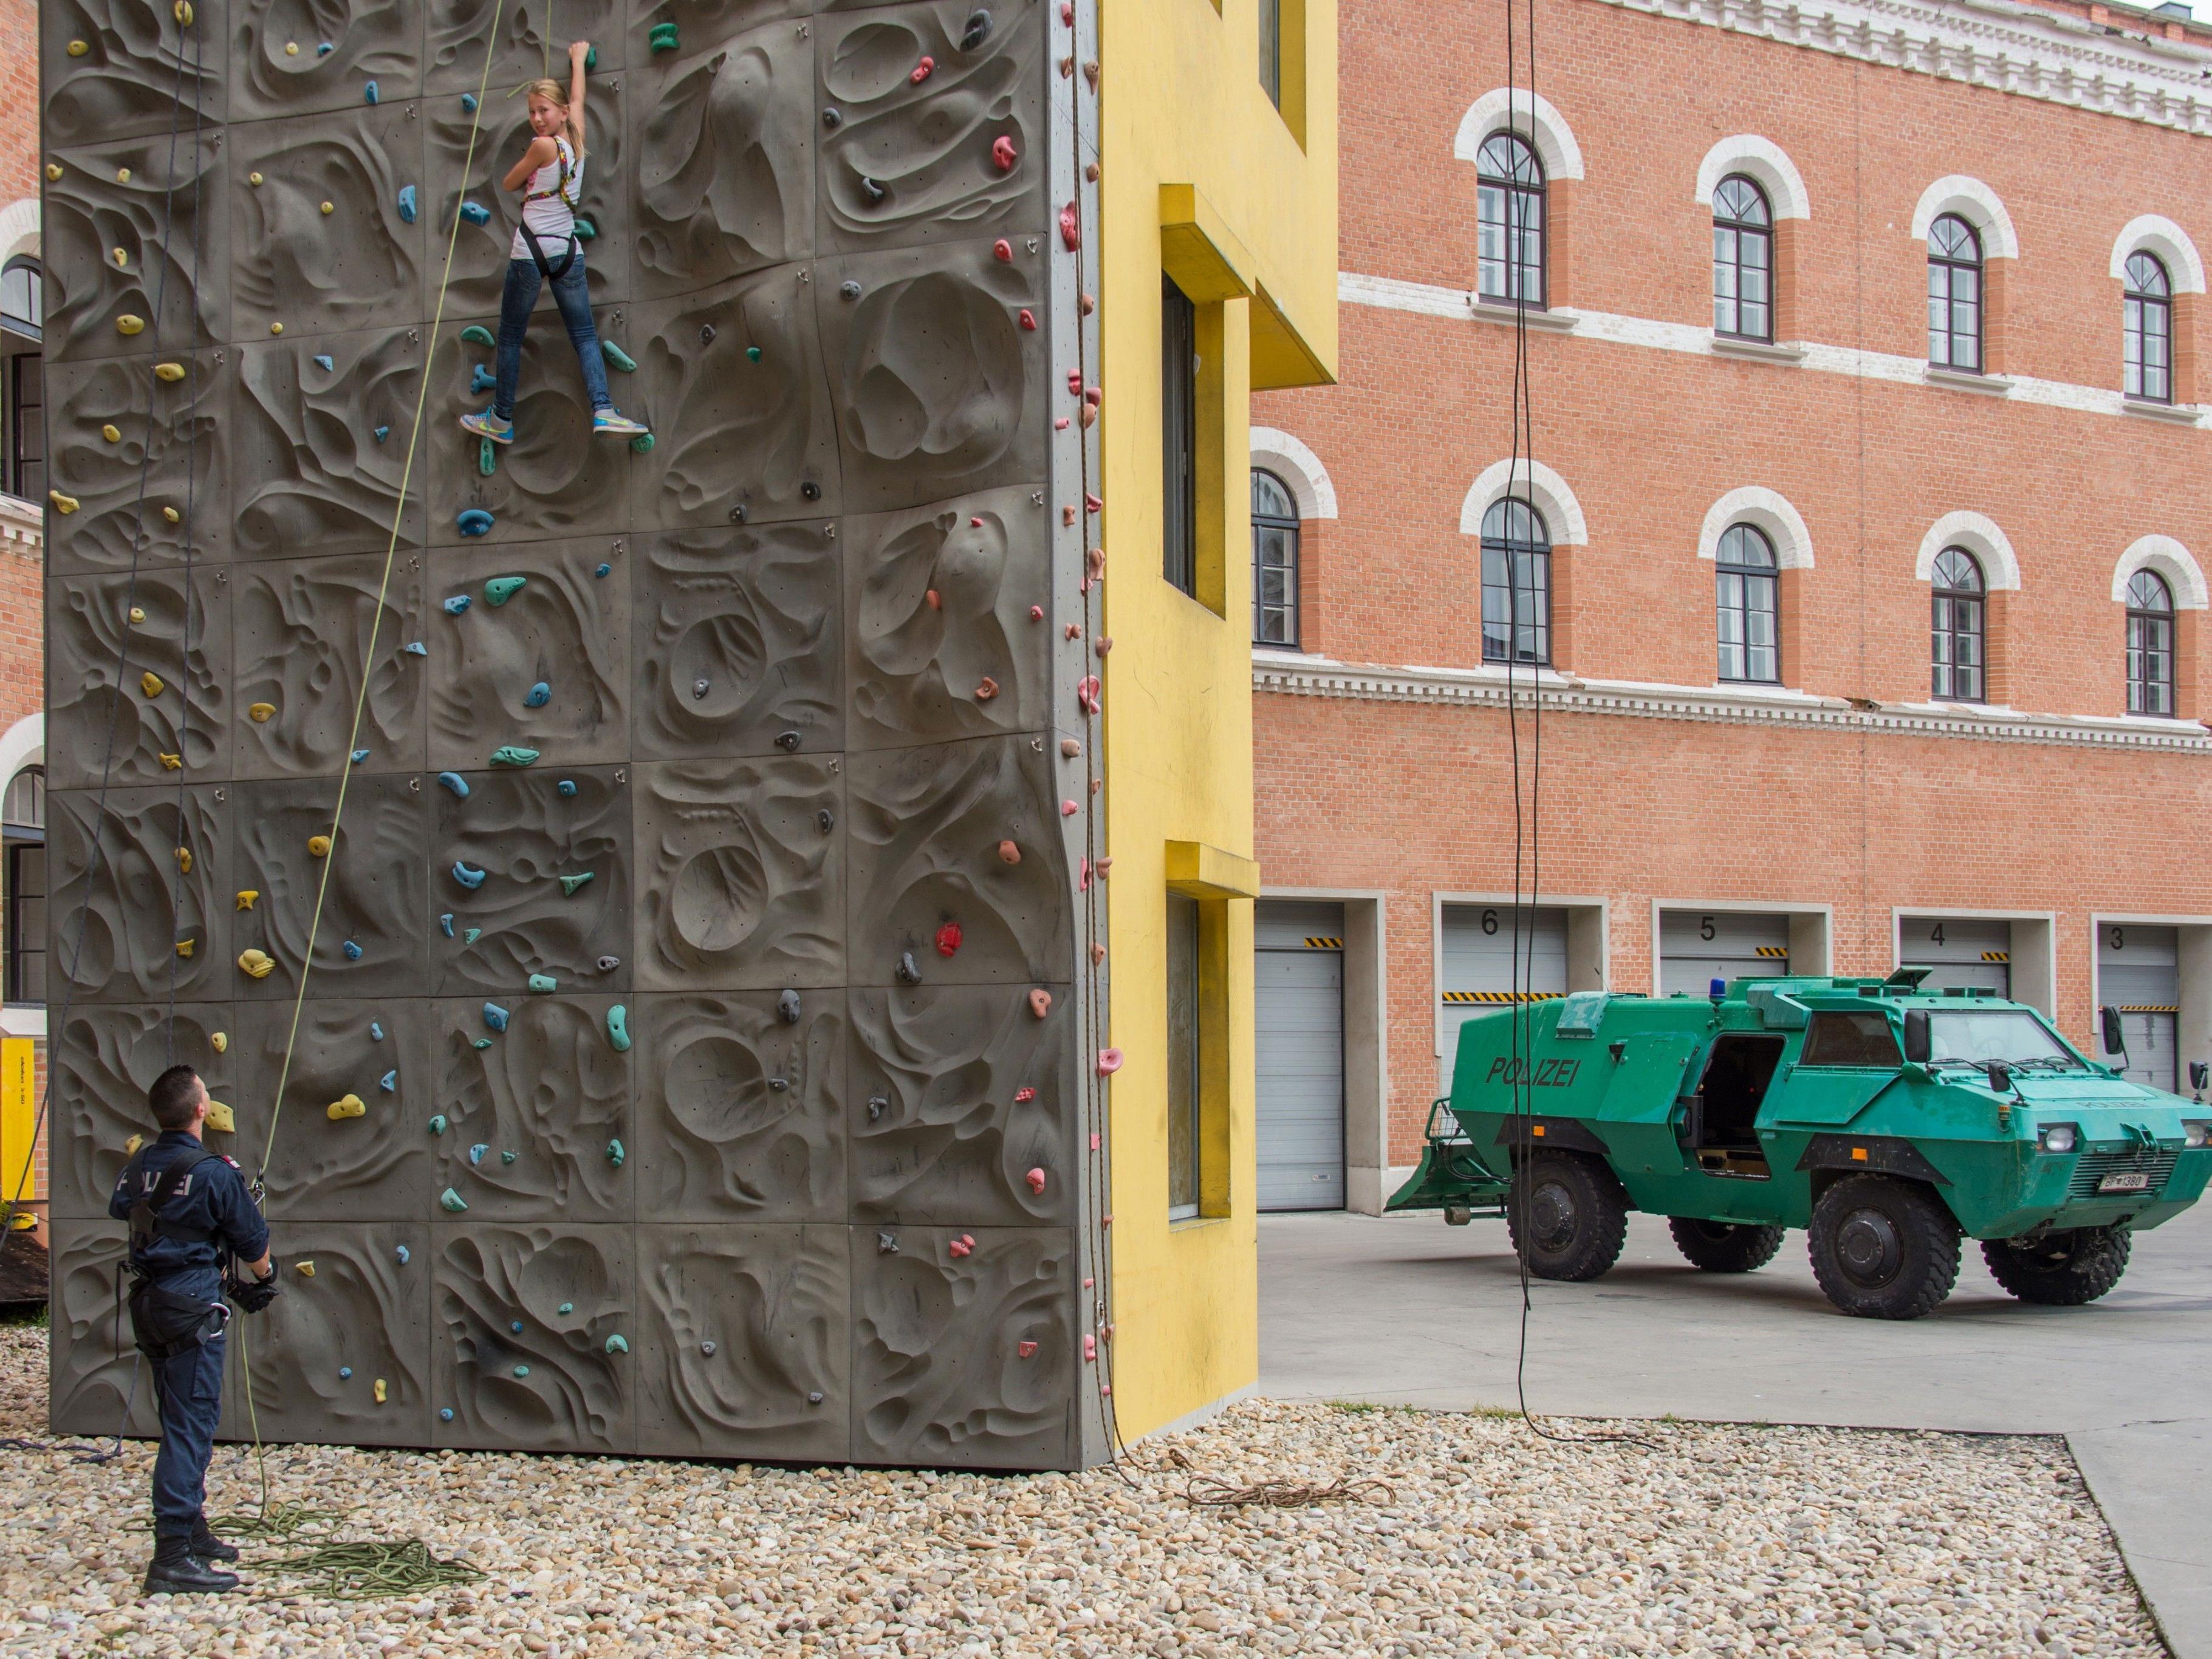 Das Ferienspiel der Wiener Polizei bietet Kletterspaß und Co. in der Rossauer Kaserne